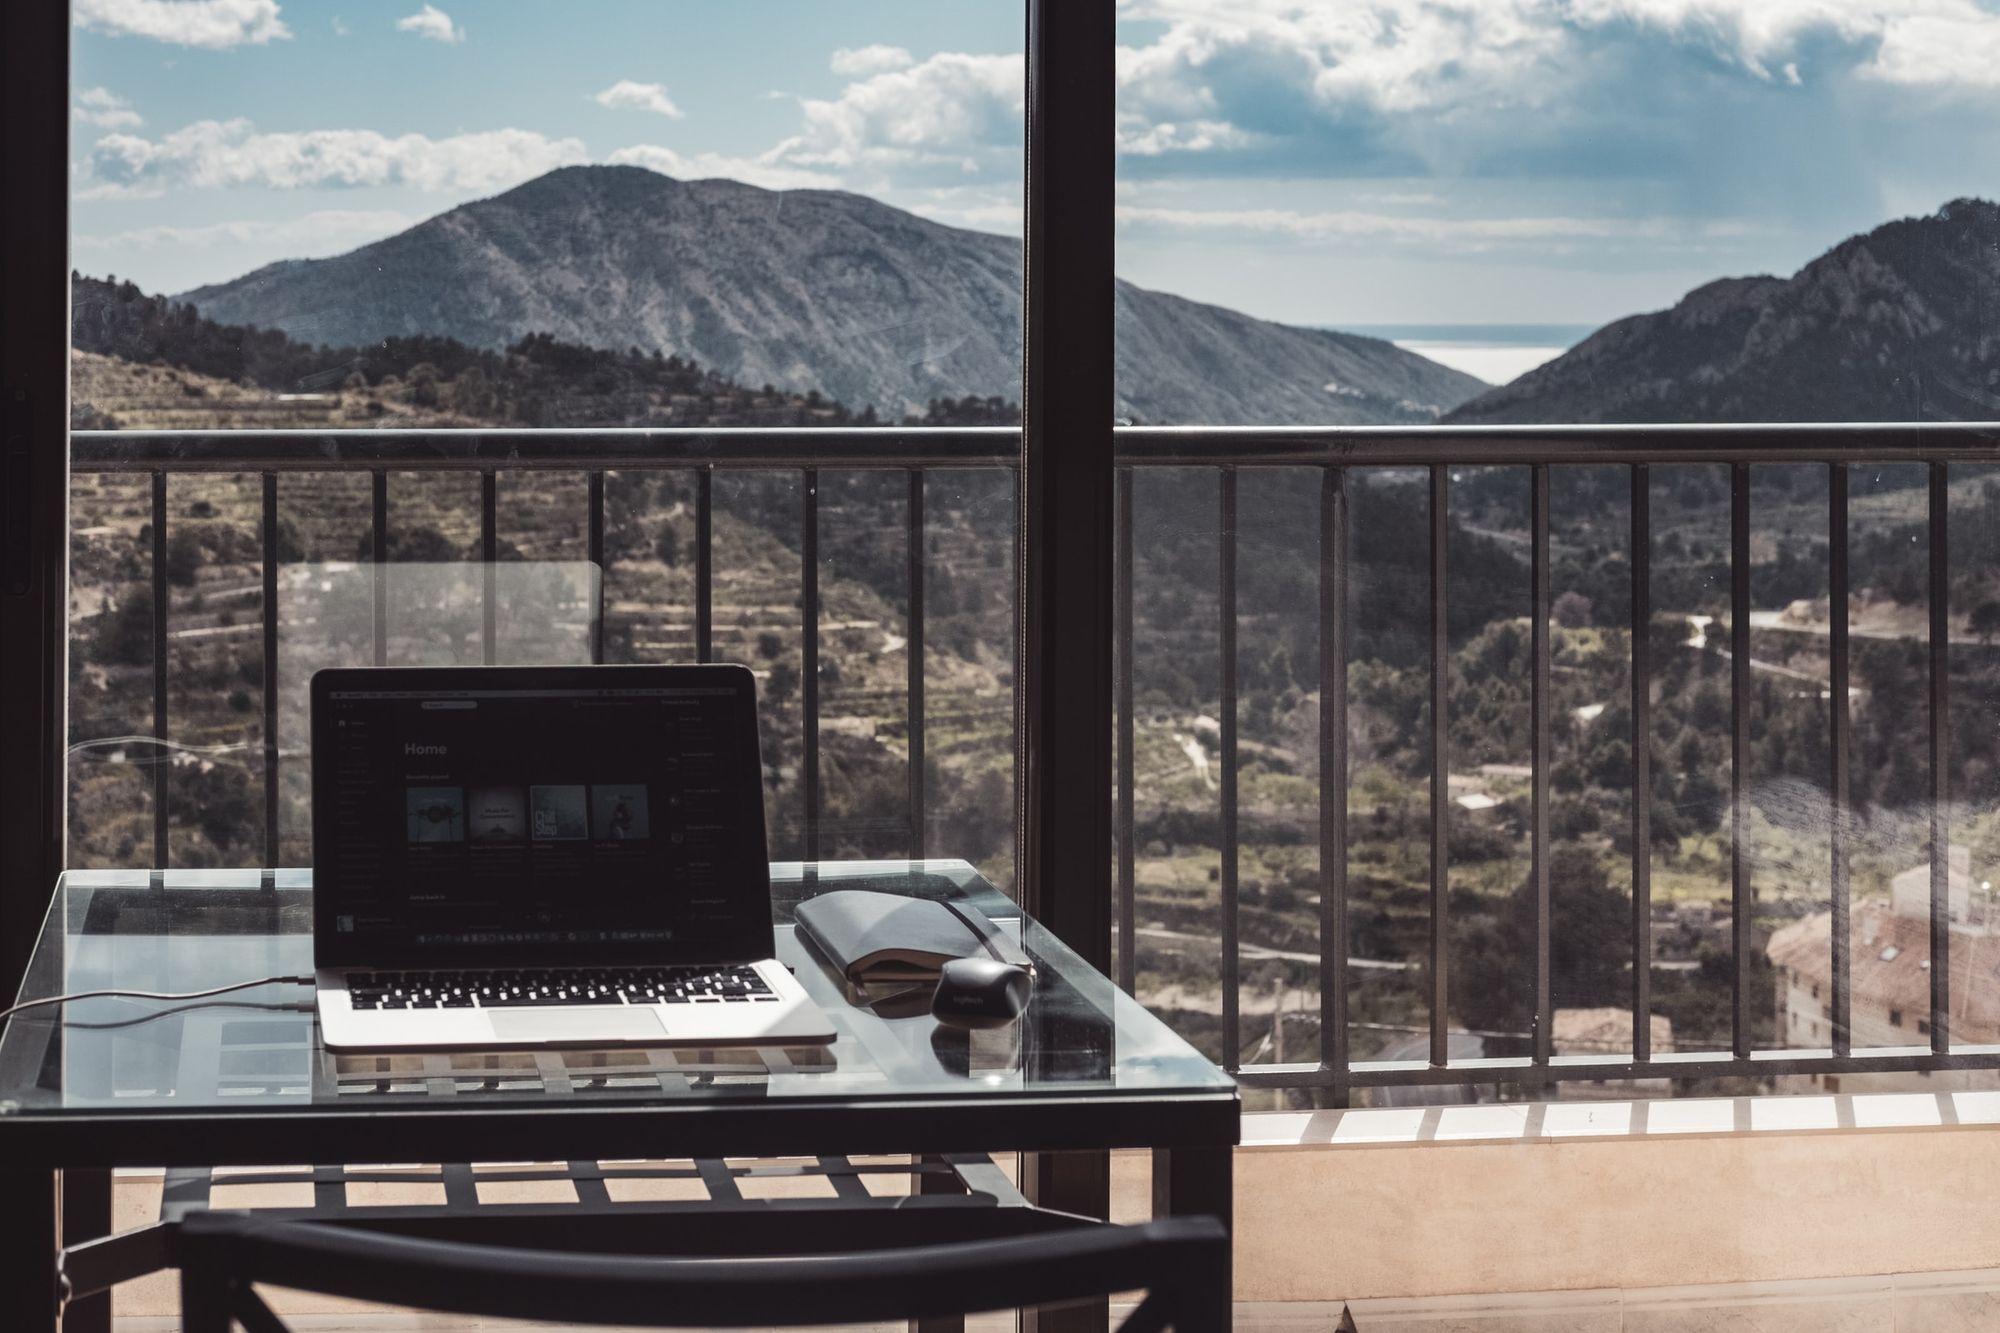 Remote Work (Credit: unsplash)